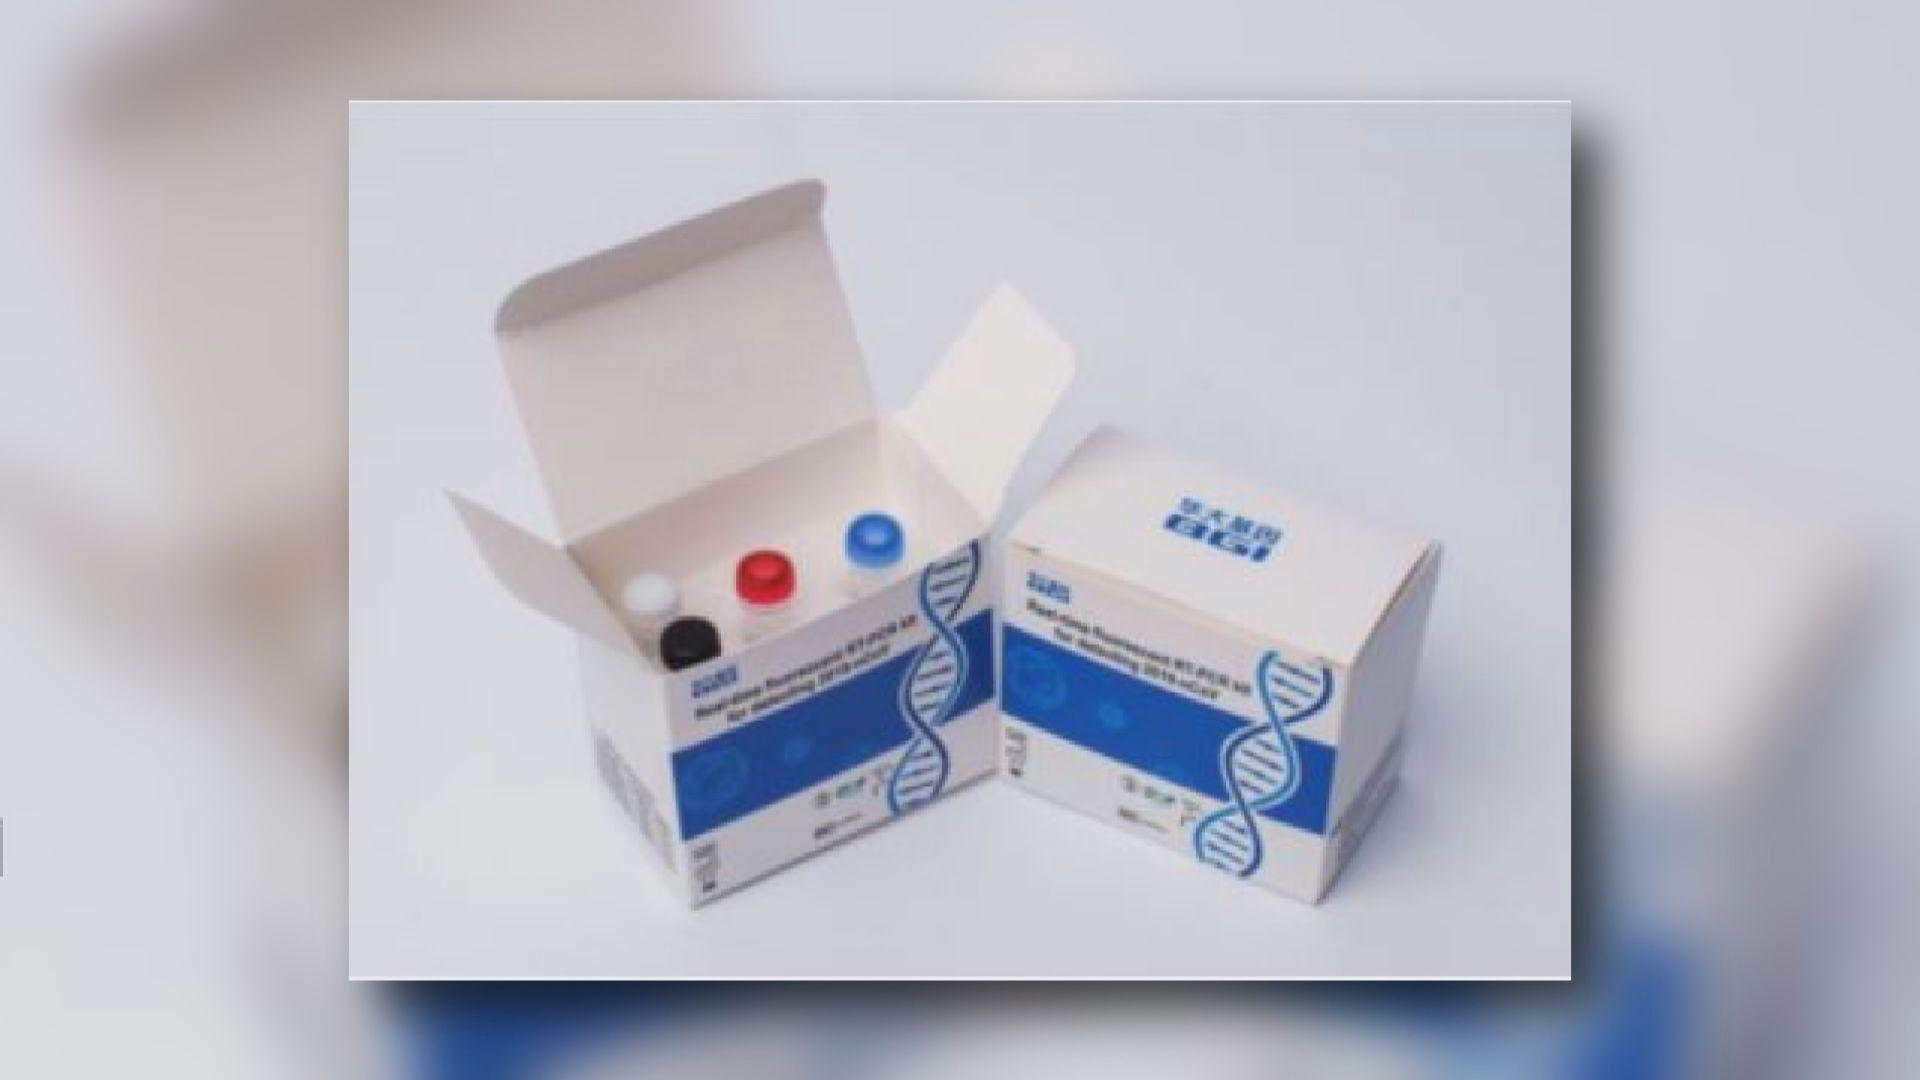 瑞典指華大新冠病毒檢測套裝出現約3700宗假陽性